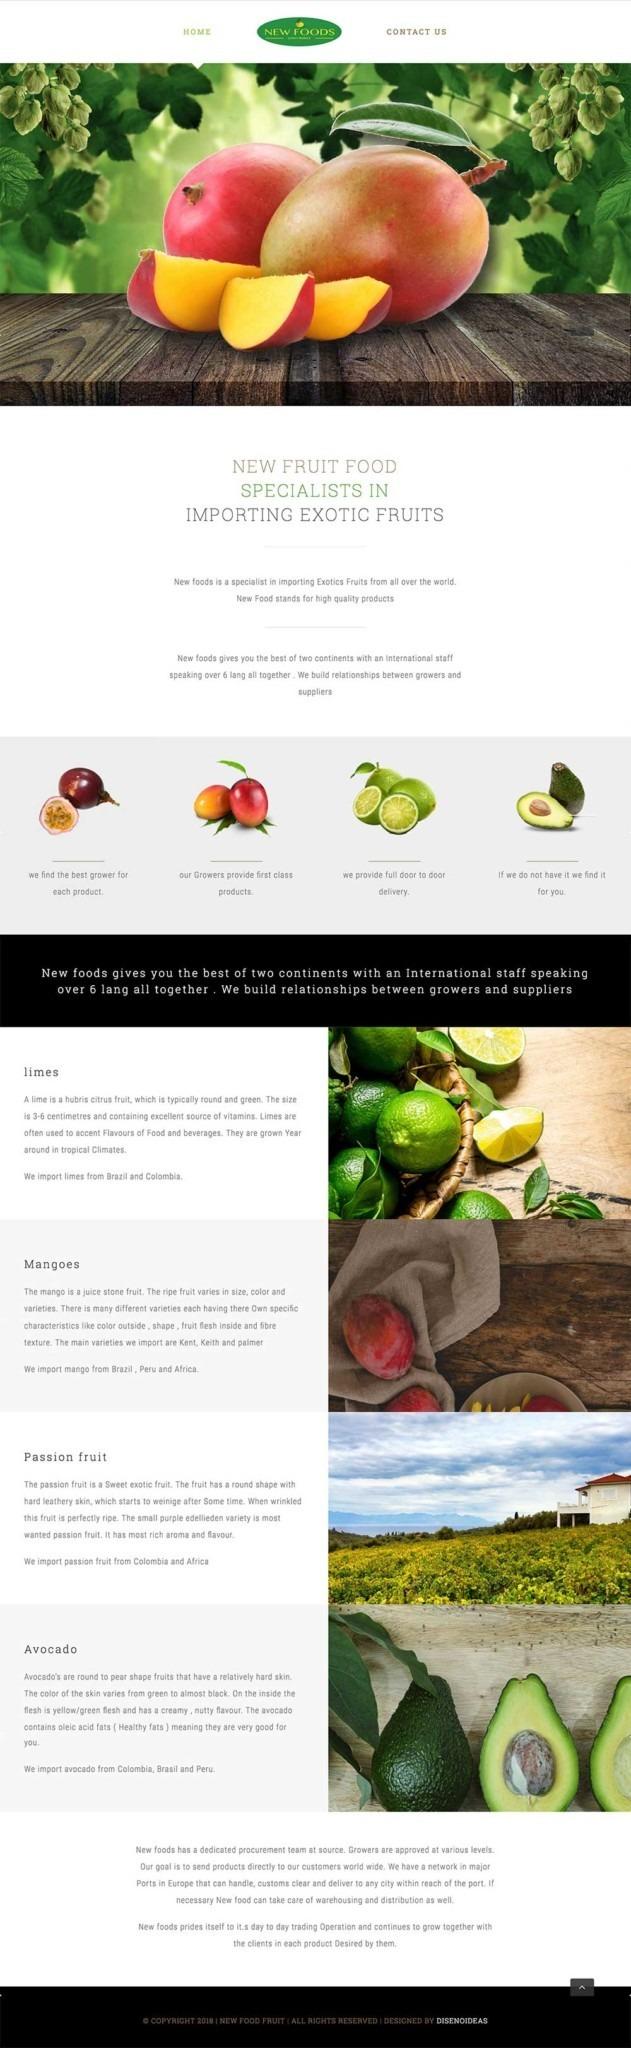 social-media-marketing-website-design-wordpress-marbella